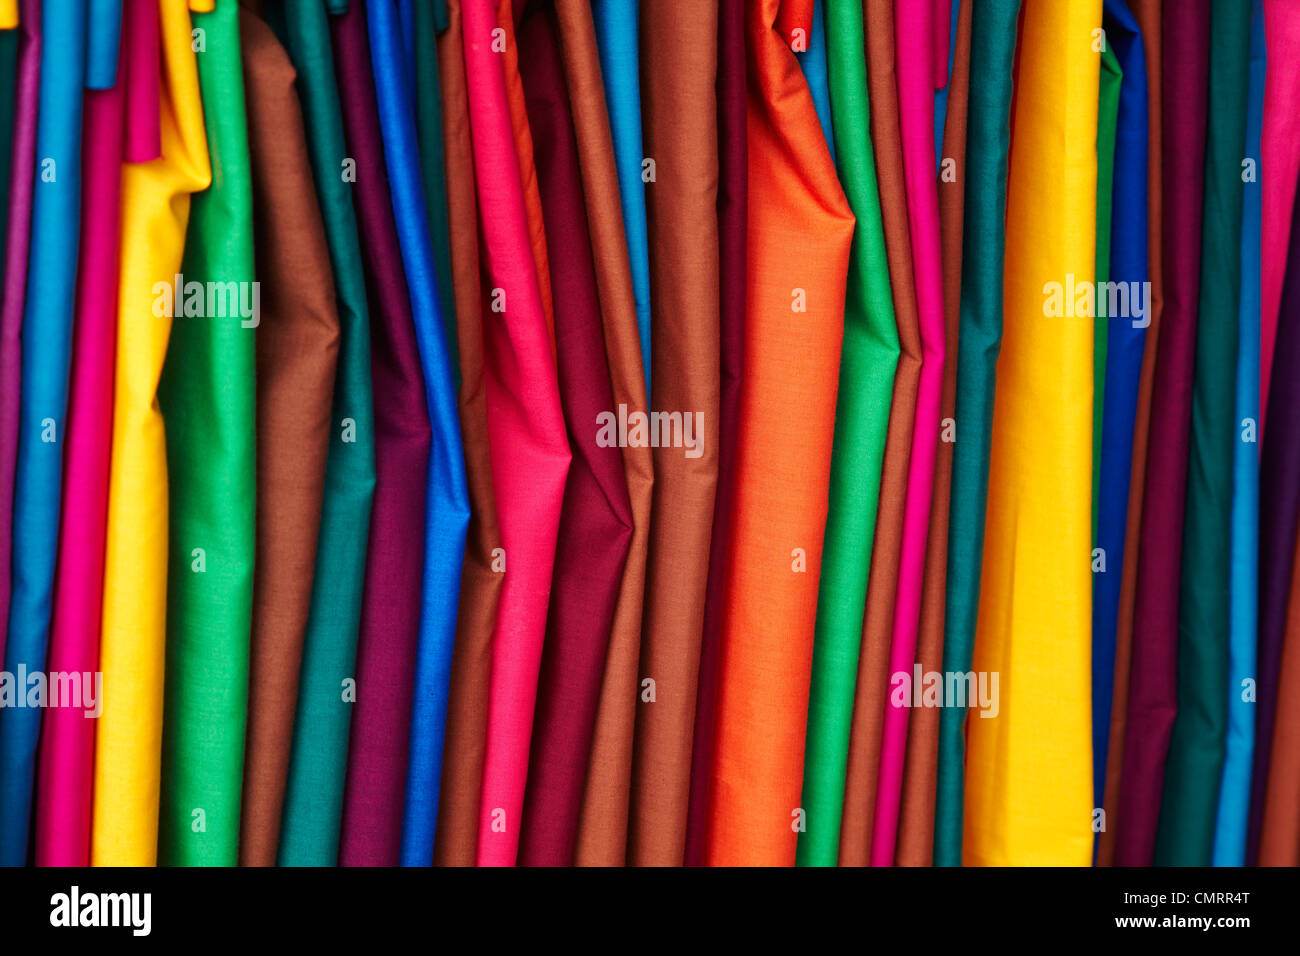 Vivacemente colorato materiale a Suva il Mercato delle Pulci, Suva, Viti Levu, Figi e Sud Pacifico Immagini Stock